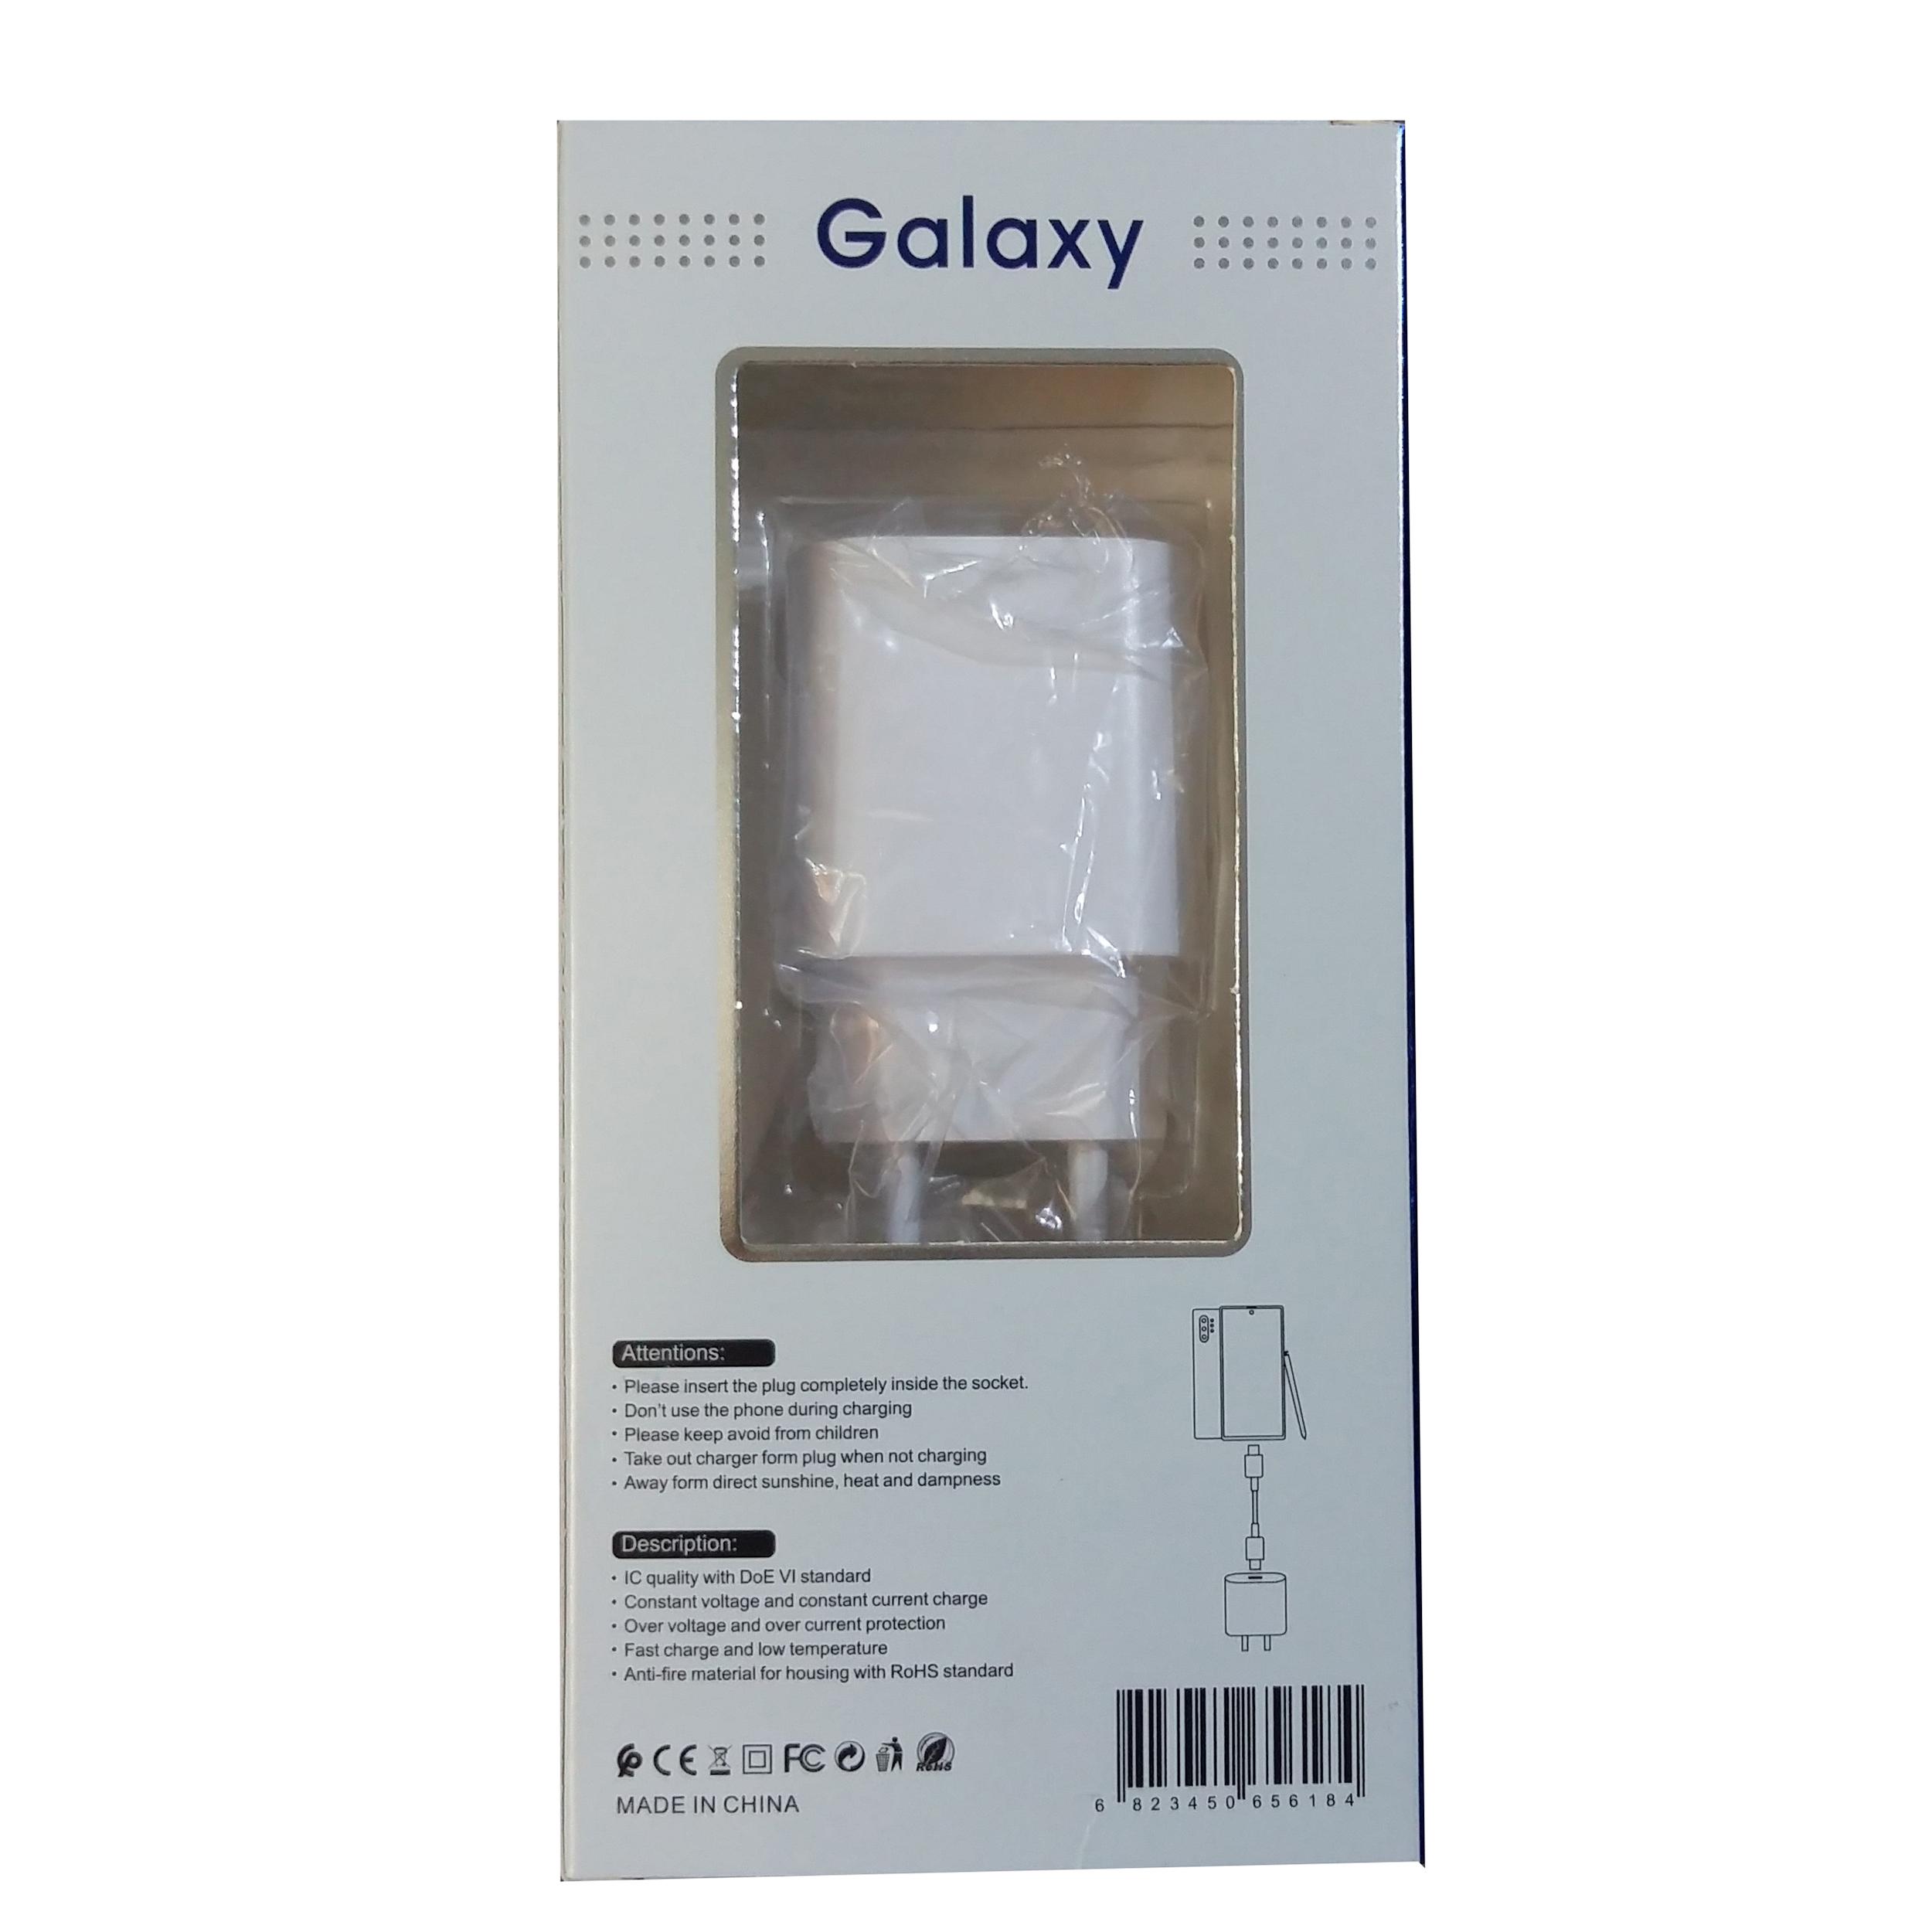 شارژر دیواری سامسونگ مدل galaxy A100 به همراه کابل تبدیل USB-C